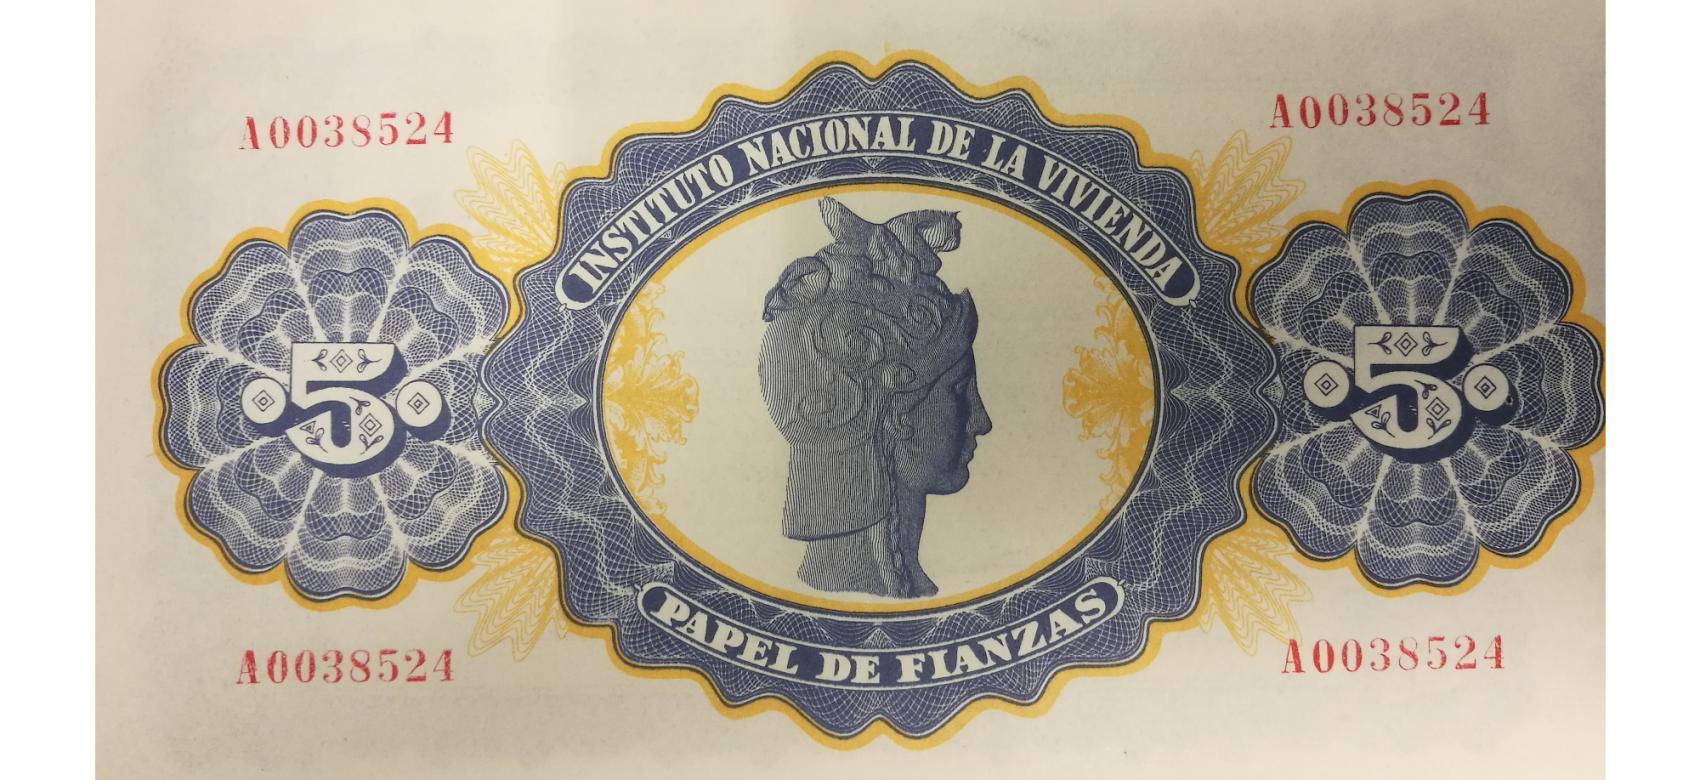 Papel de Fianzas del Estado de 5 pesetas emitidos en 1940